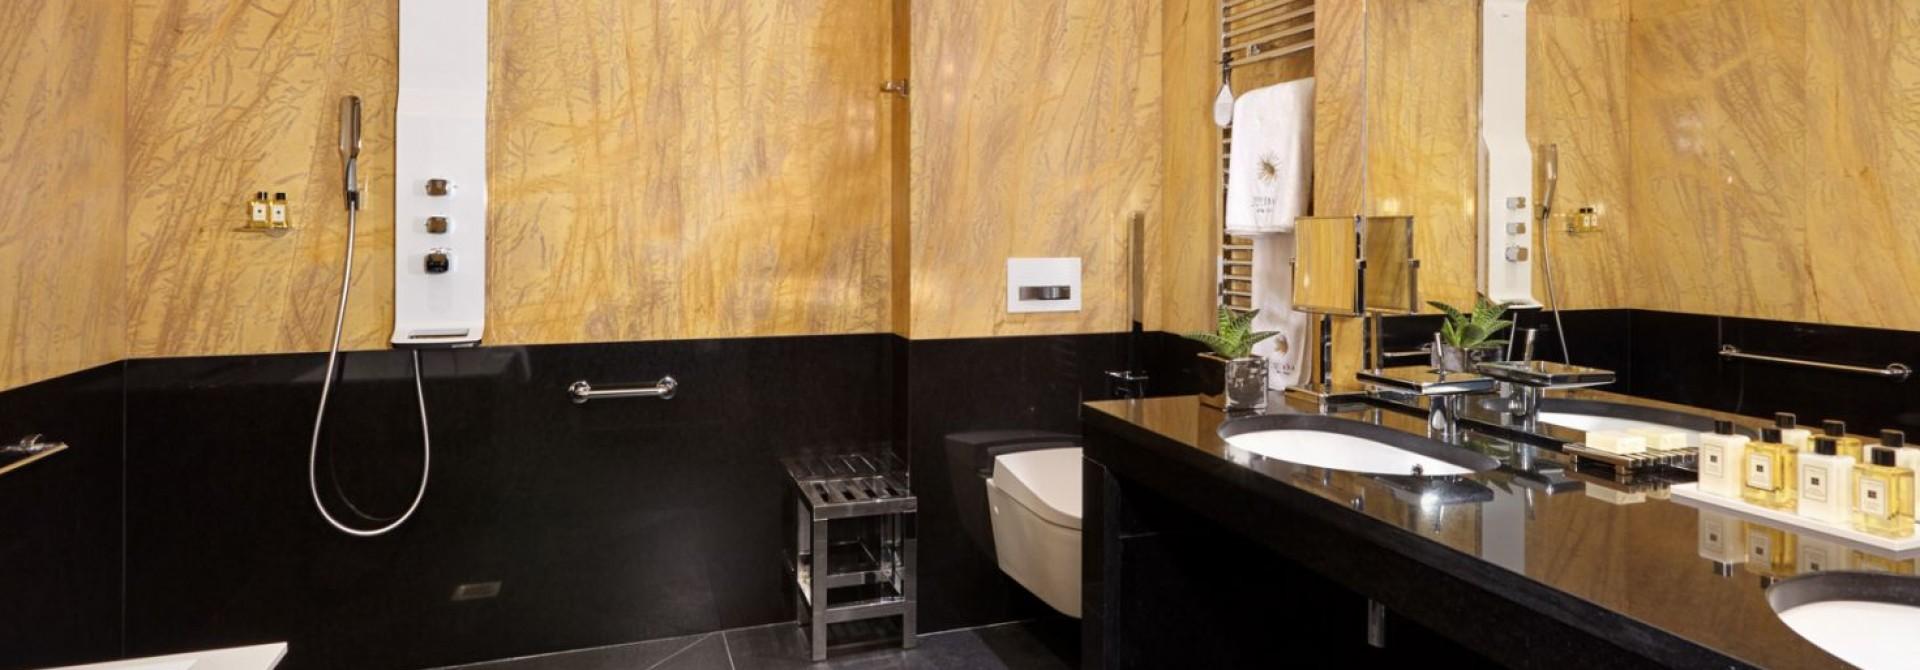 Hotel juliana paris sur h tel paris for Salle de bain hotel 5 etoiles